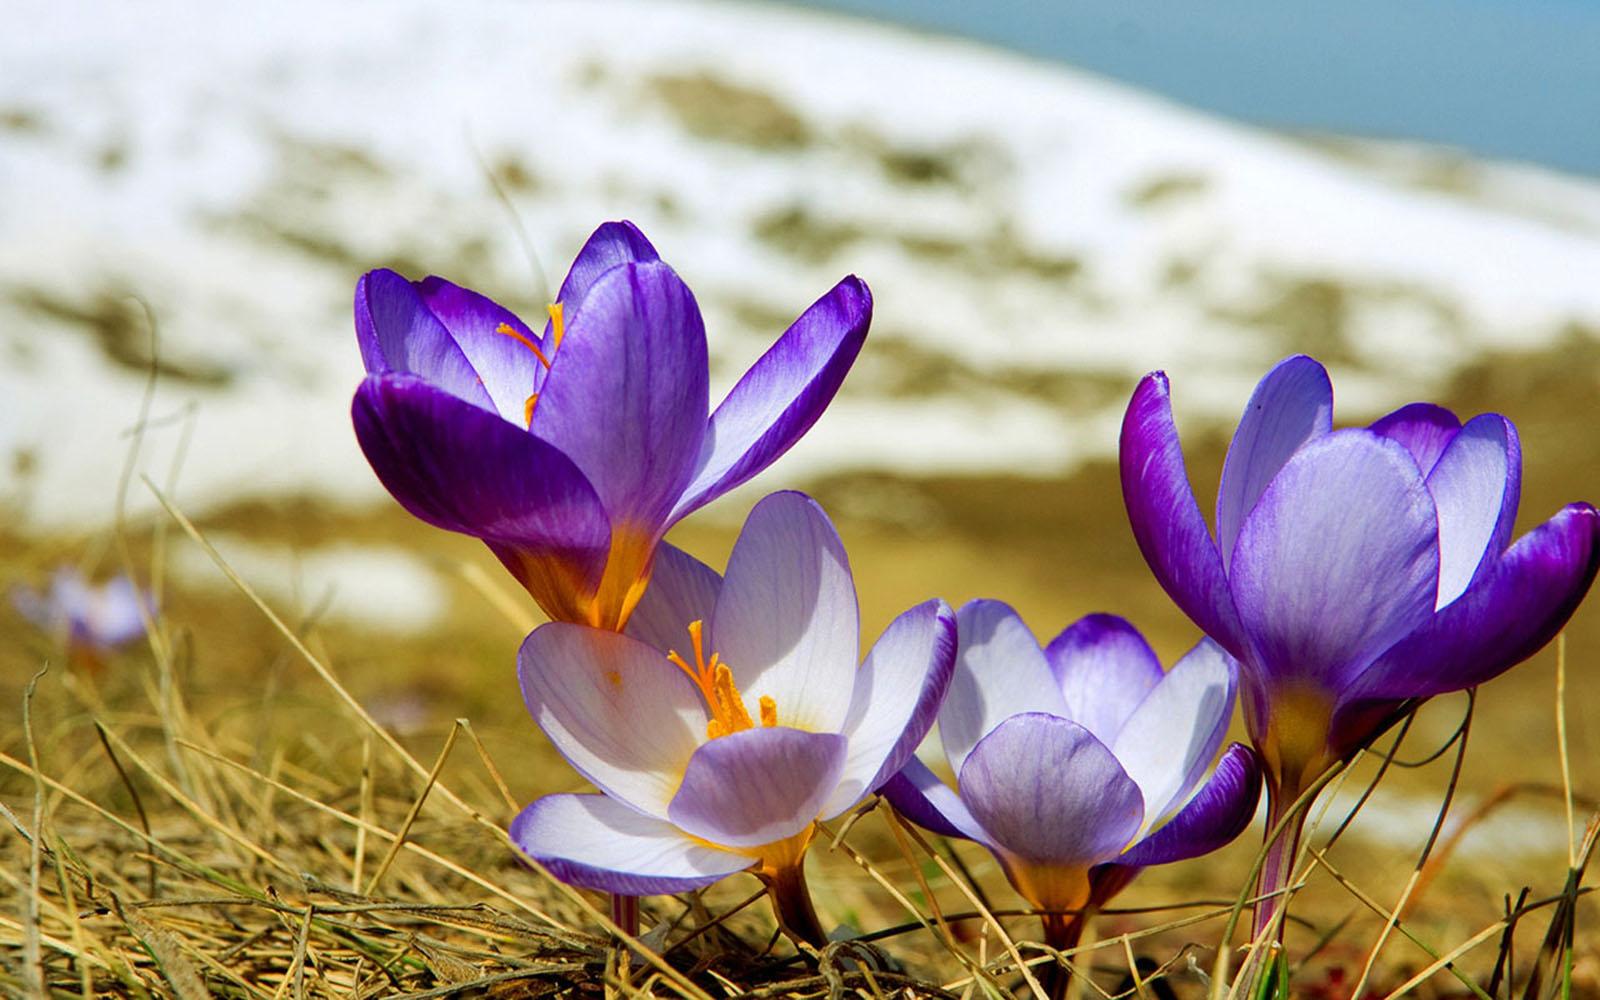 c22fe7f01de5 wallpapers  Purple Crocus Flowers Wallpapers